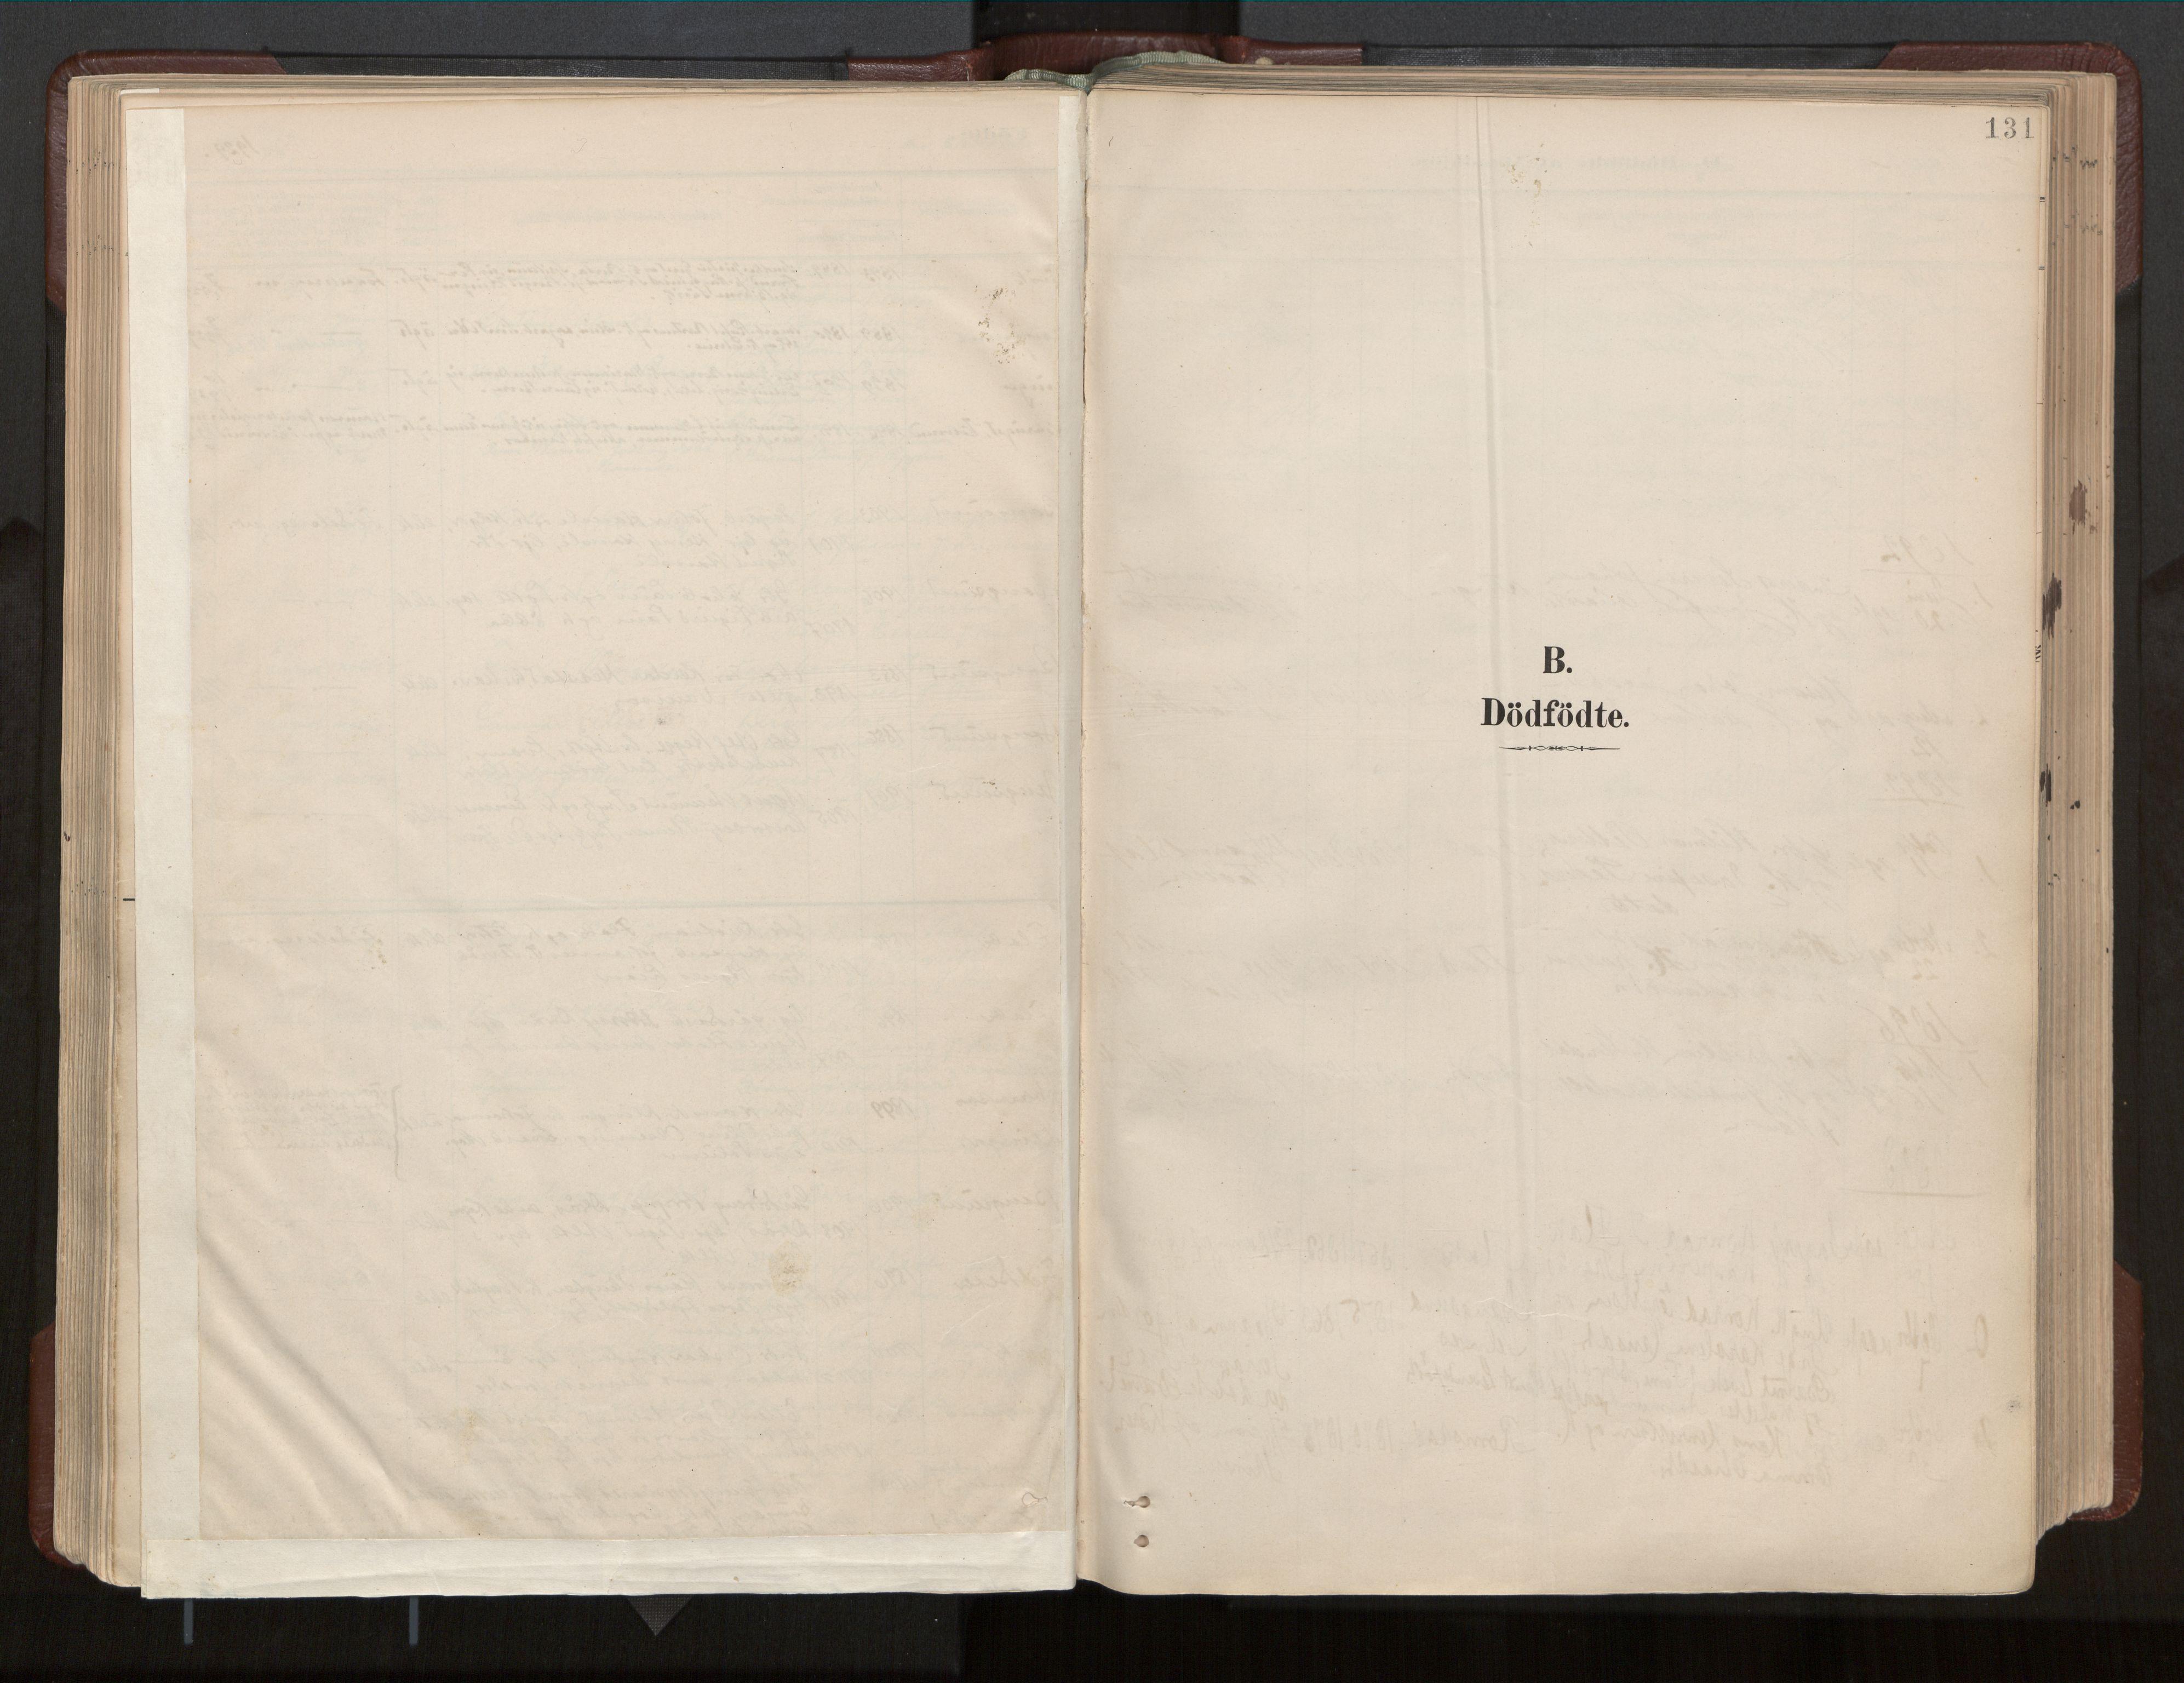 SAT, Ministerialprotokoller, klokkerbøker og fødselsregistre - Nord-Trøndelag, 770/L0589: Ministerialbok nr. 770A03, 1887-1929, s. 131